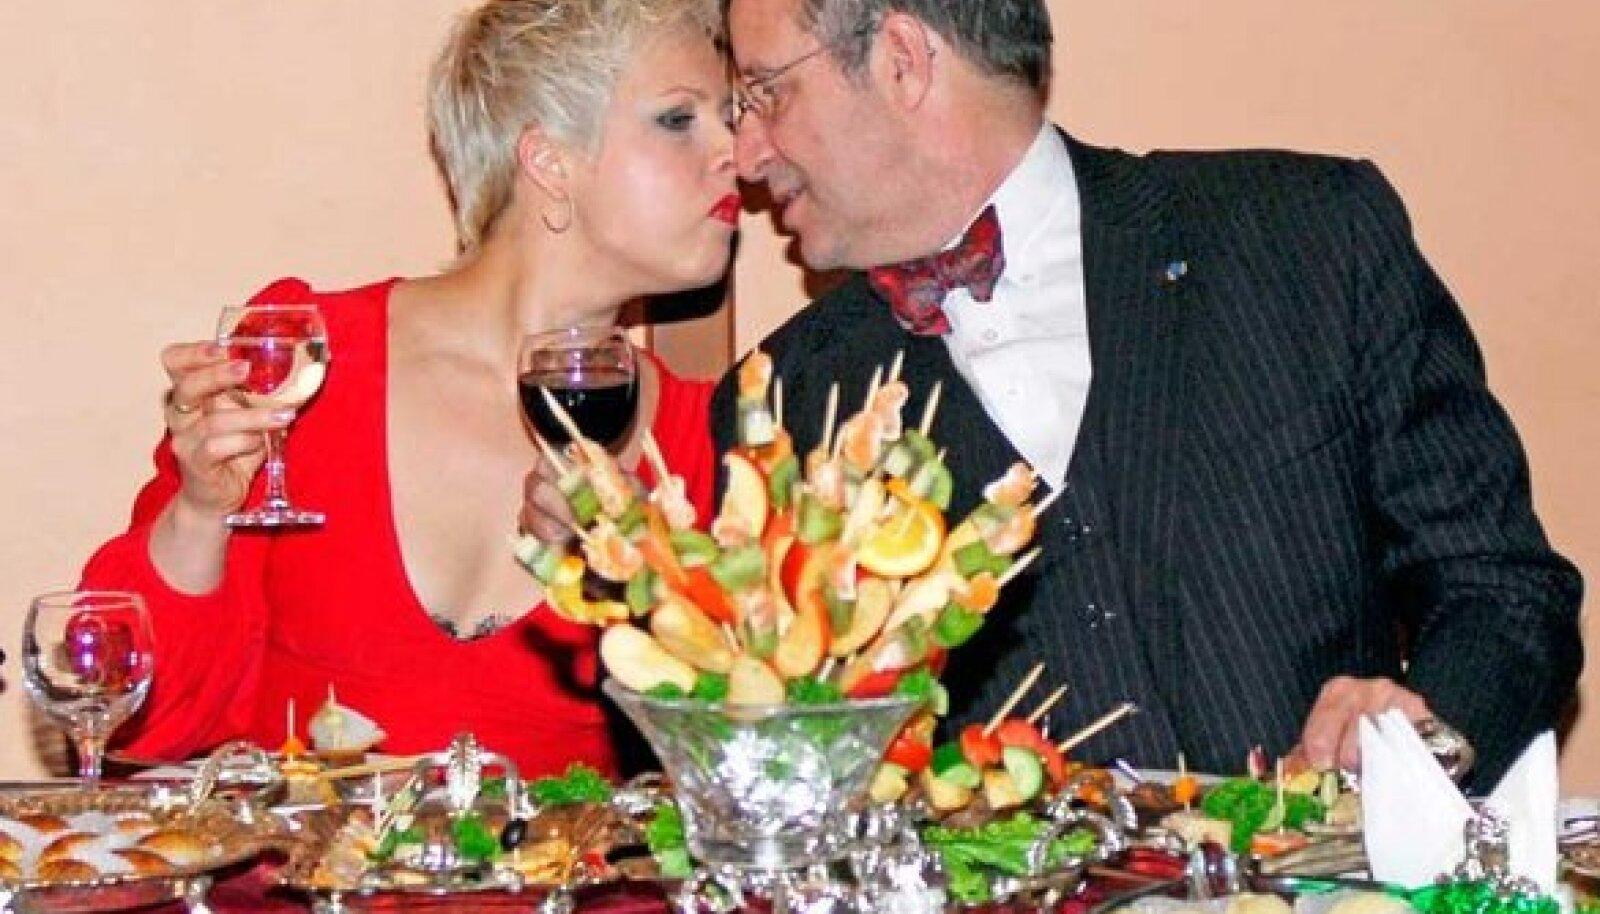 VÄLISMAAL PAKUTAKSE RIKKALIKULT SÜÜA: Evelin ja Toomas Hendrik Ilves tänavu jaanuaris Bakuu ühes džäss-klubis õhtust söömas. President üritas Aserbaidžaani-visiidil muuhulgas päästa Eesti ettevõtjate untsuläinud maaostu. Viimast küll ei saatnud eriline edu.